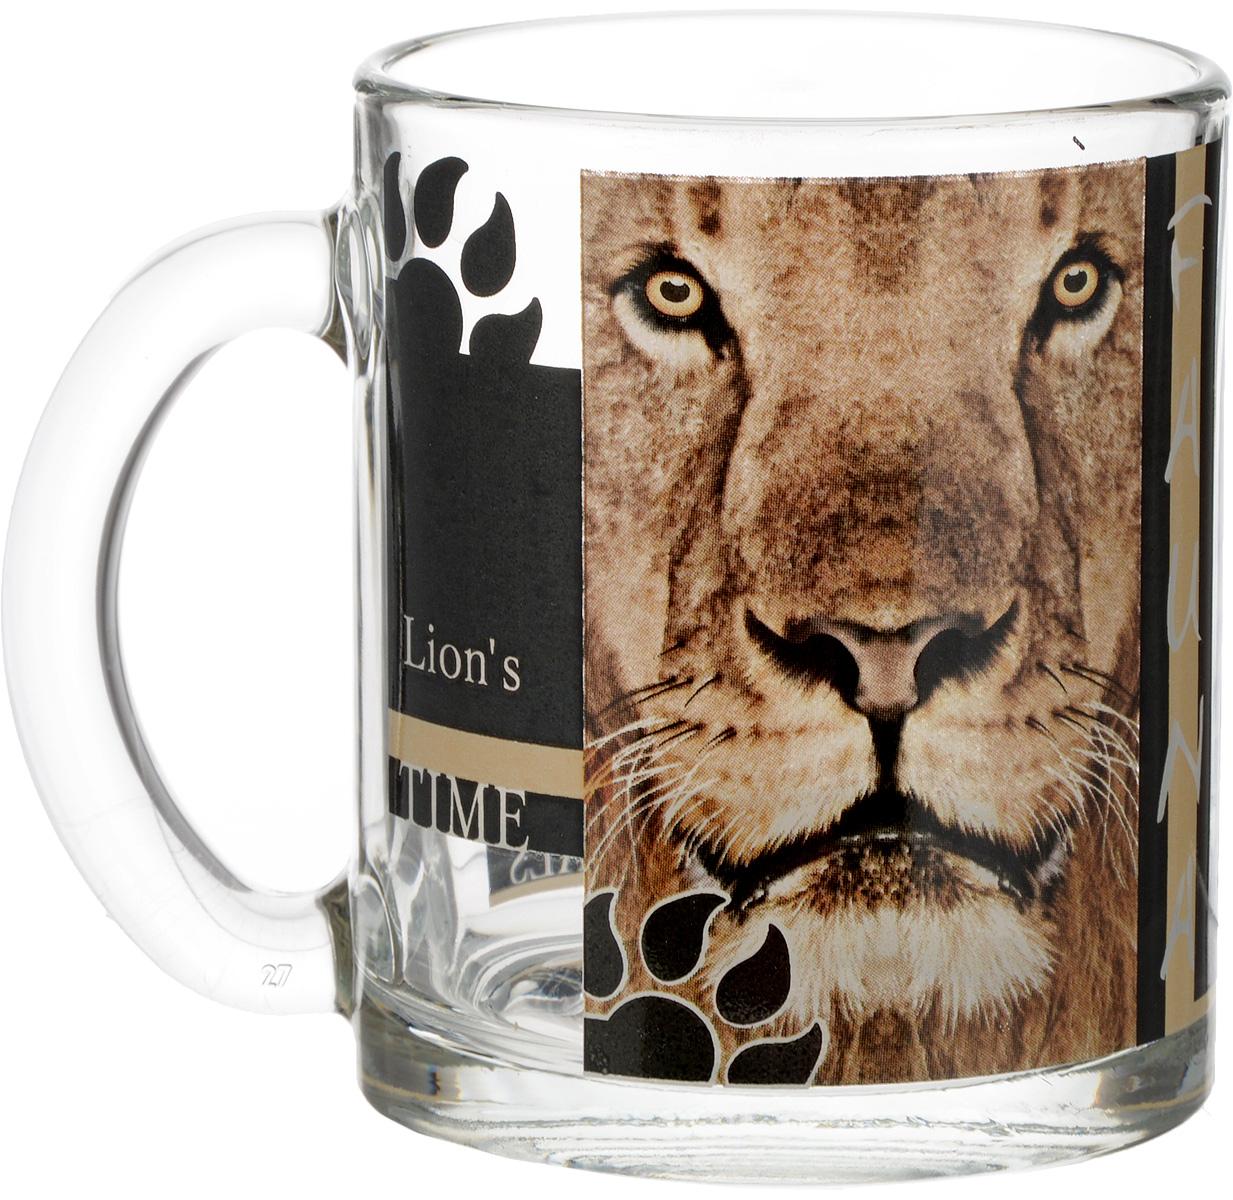 Кружка OSZ Чайная. Дикие кошки. Лев, 320 мл115510Кружка OSZ Чайная. Дикие кошки. Лев, выполненная из стекла, декорирована изображением льва и оснащена эргономичной ручкой. Кружка сочетает всебе оригинальный дизайн и функциональность. Она согреет вас долгими холодными вечерами.Диаметр кружки (по верхнему краю): 8 см. Высота кружки: 9,5 см. Объем кружки: 320 мл.